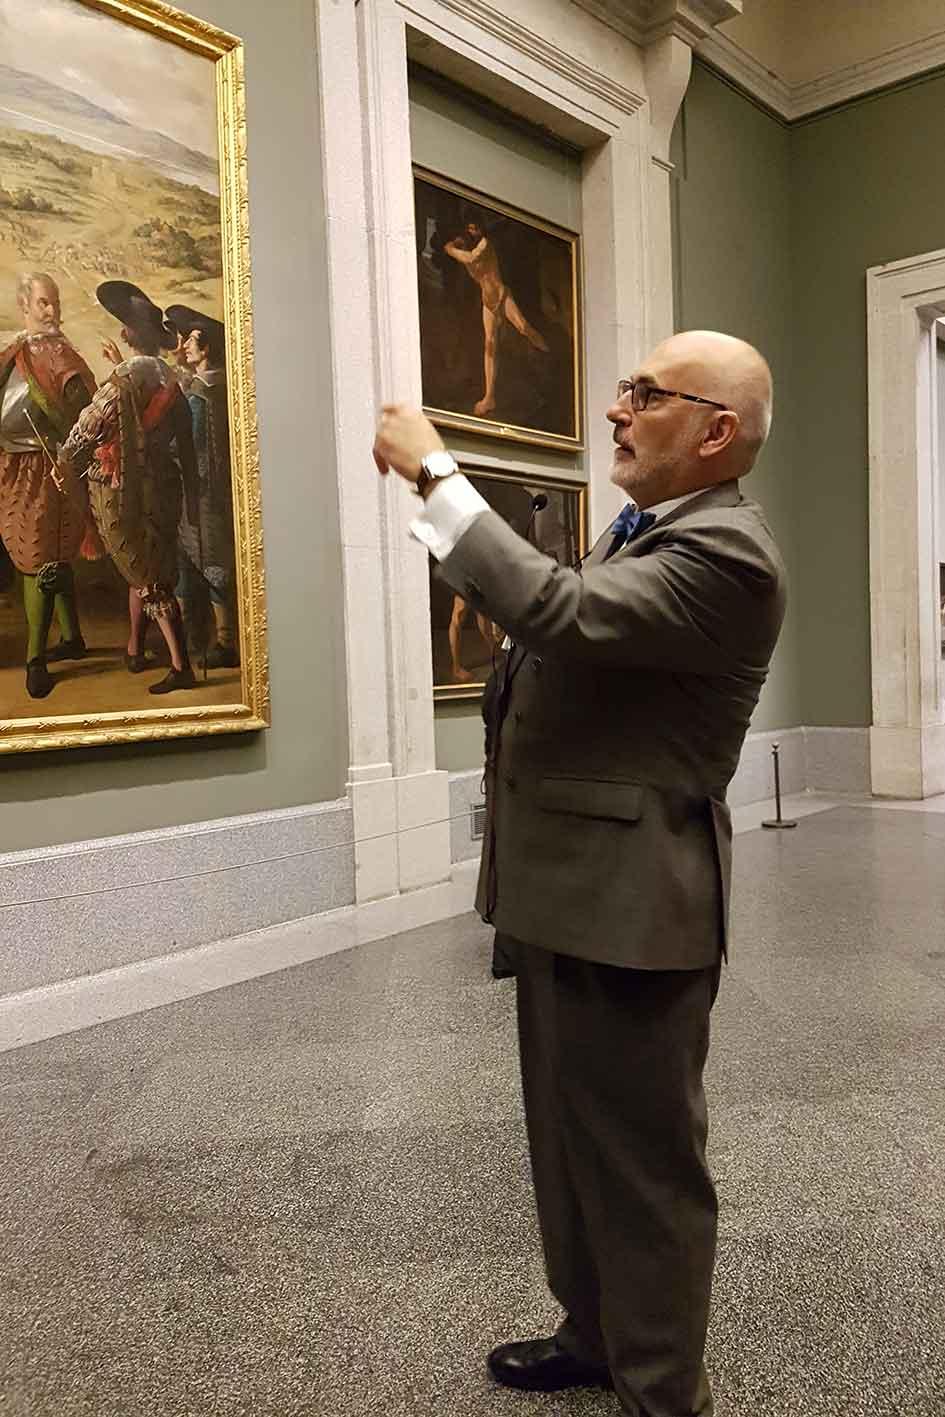 El historiador, explicando el trasfondo histórico de las pinturas expuestas en el antiguo Salón de Reinos, hoy conservadas en el Museo del Prado.